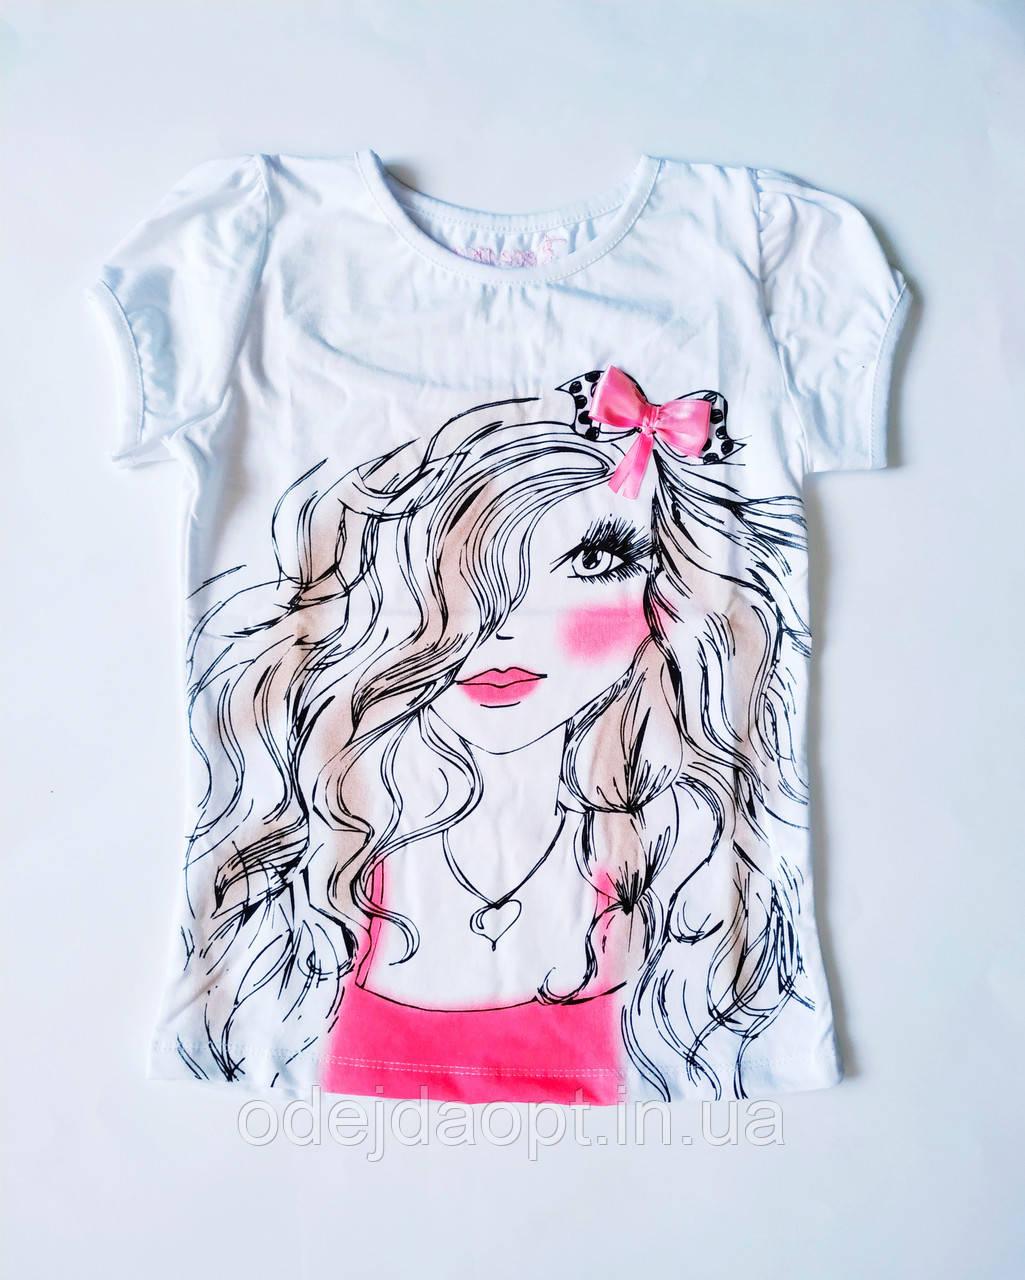 Подростковая футболка  для девочки 9,10,11,12 лет